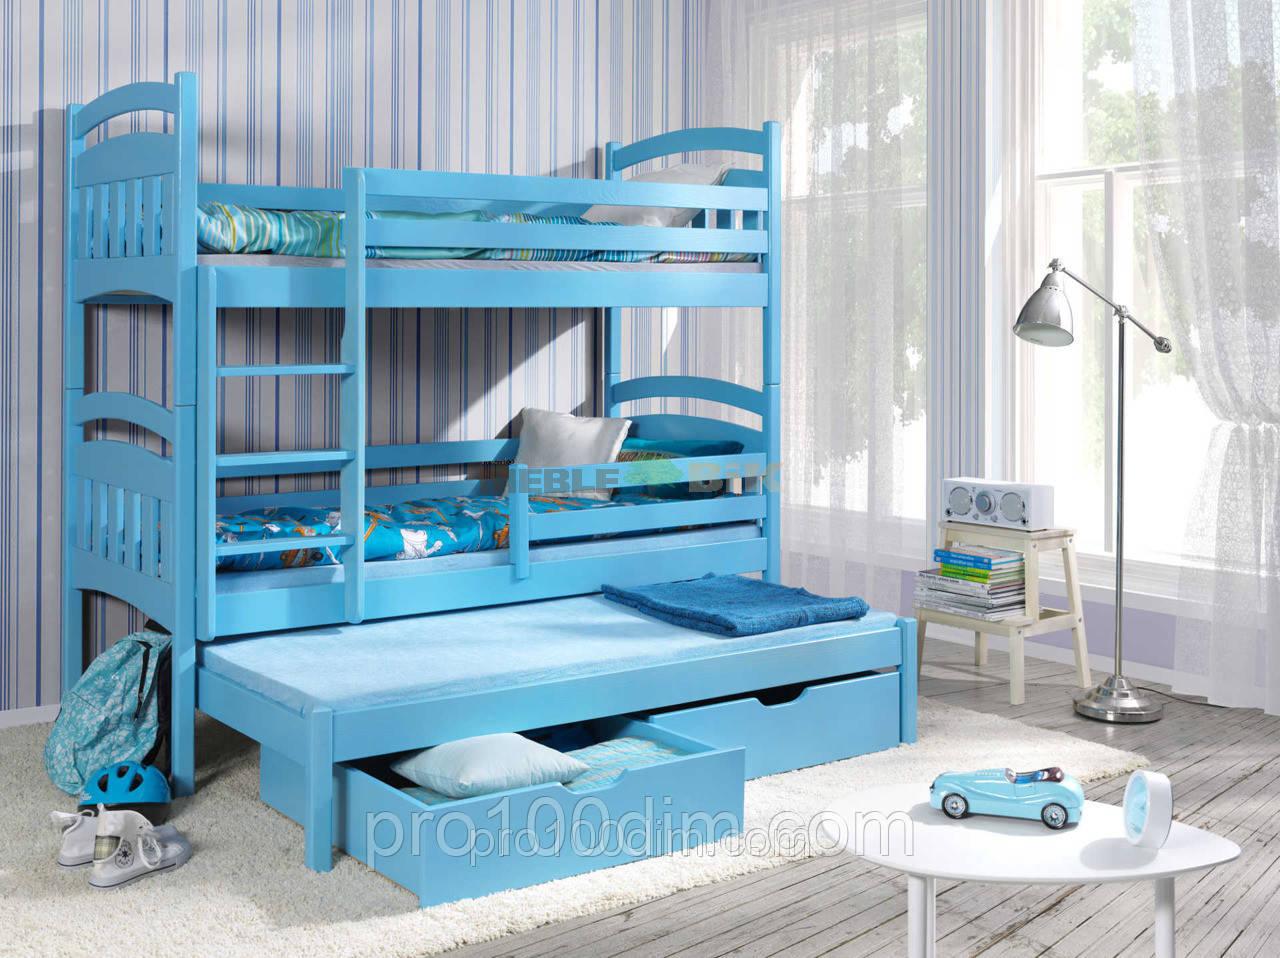 2 х ярусная кровать для детей фото и цены